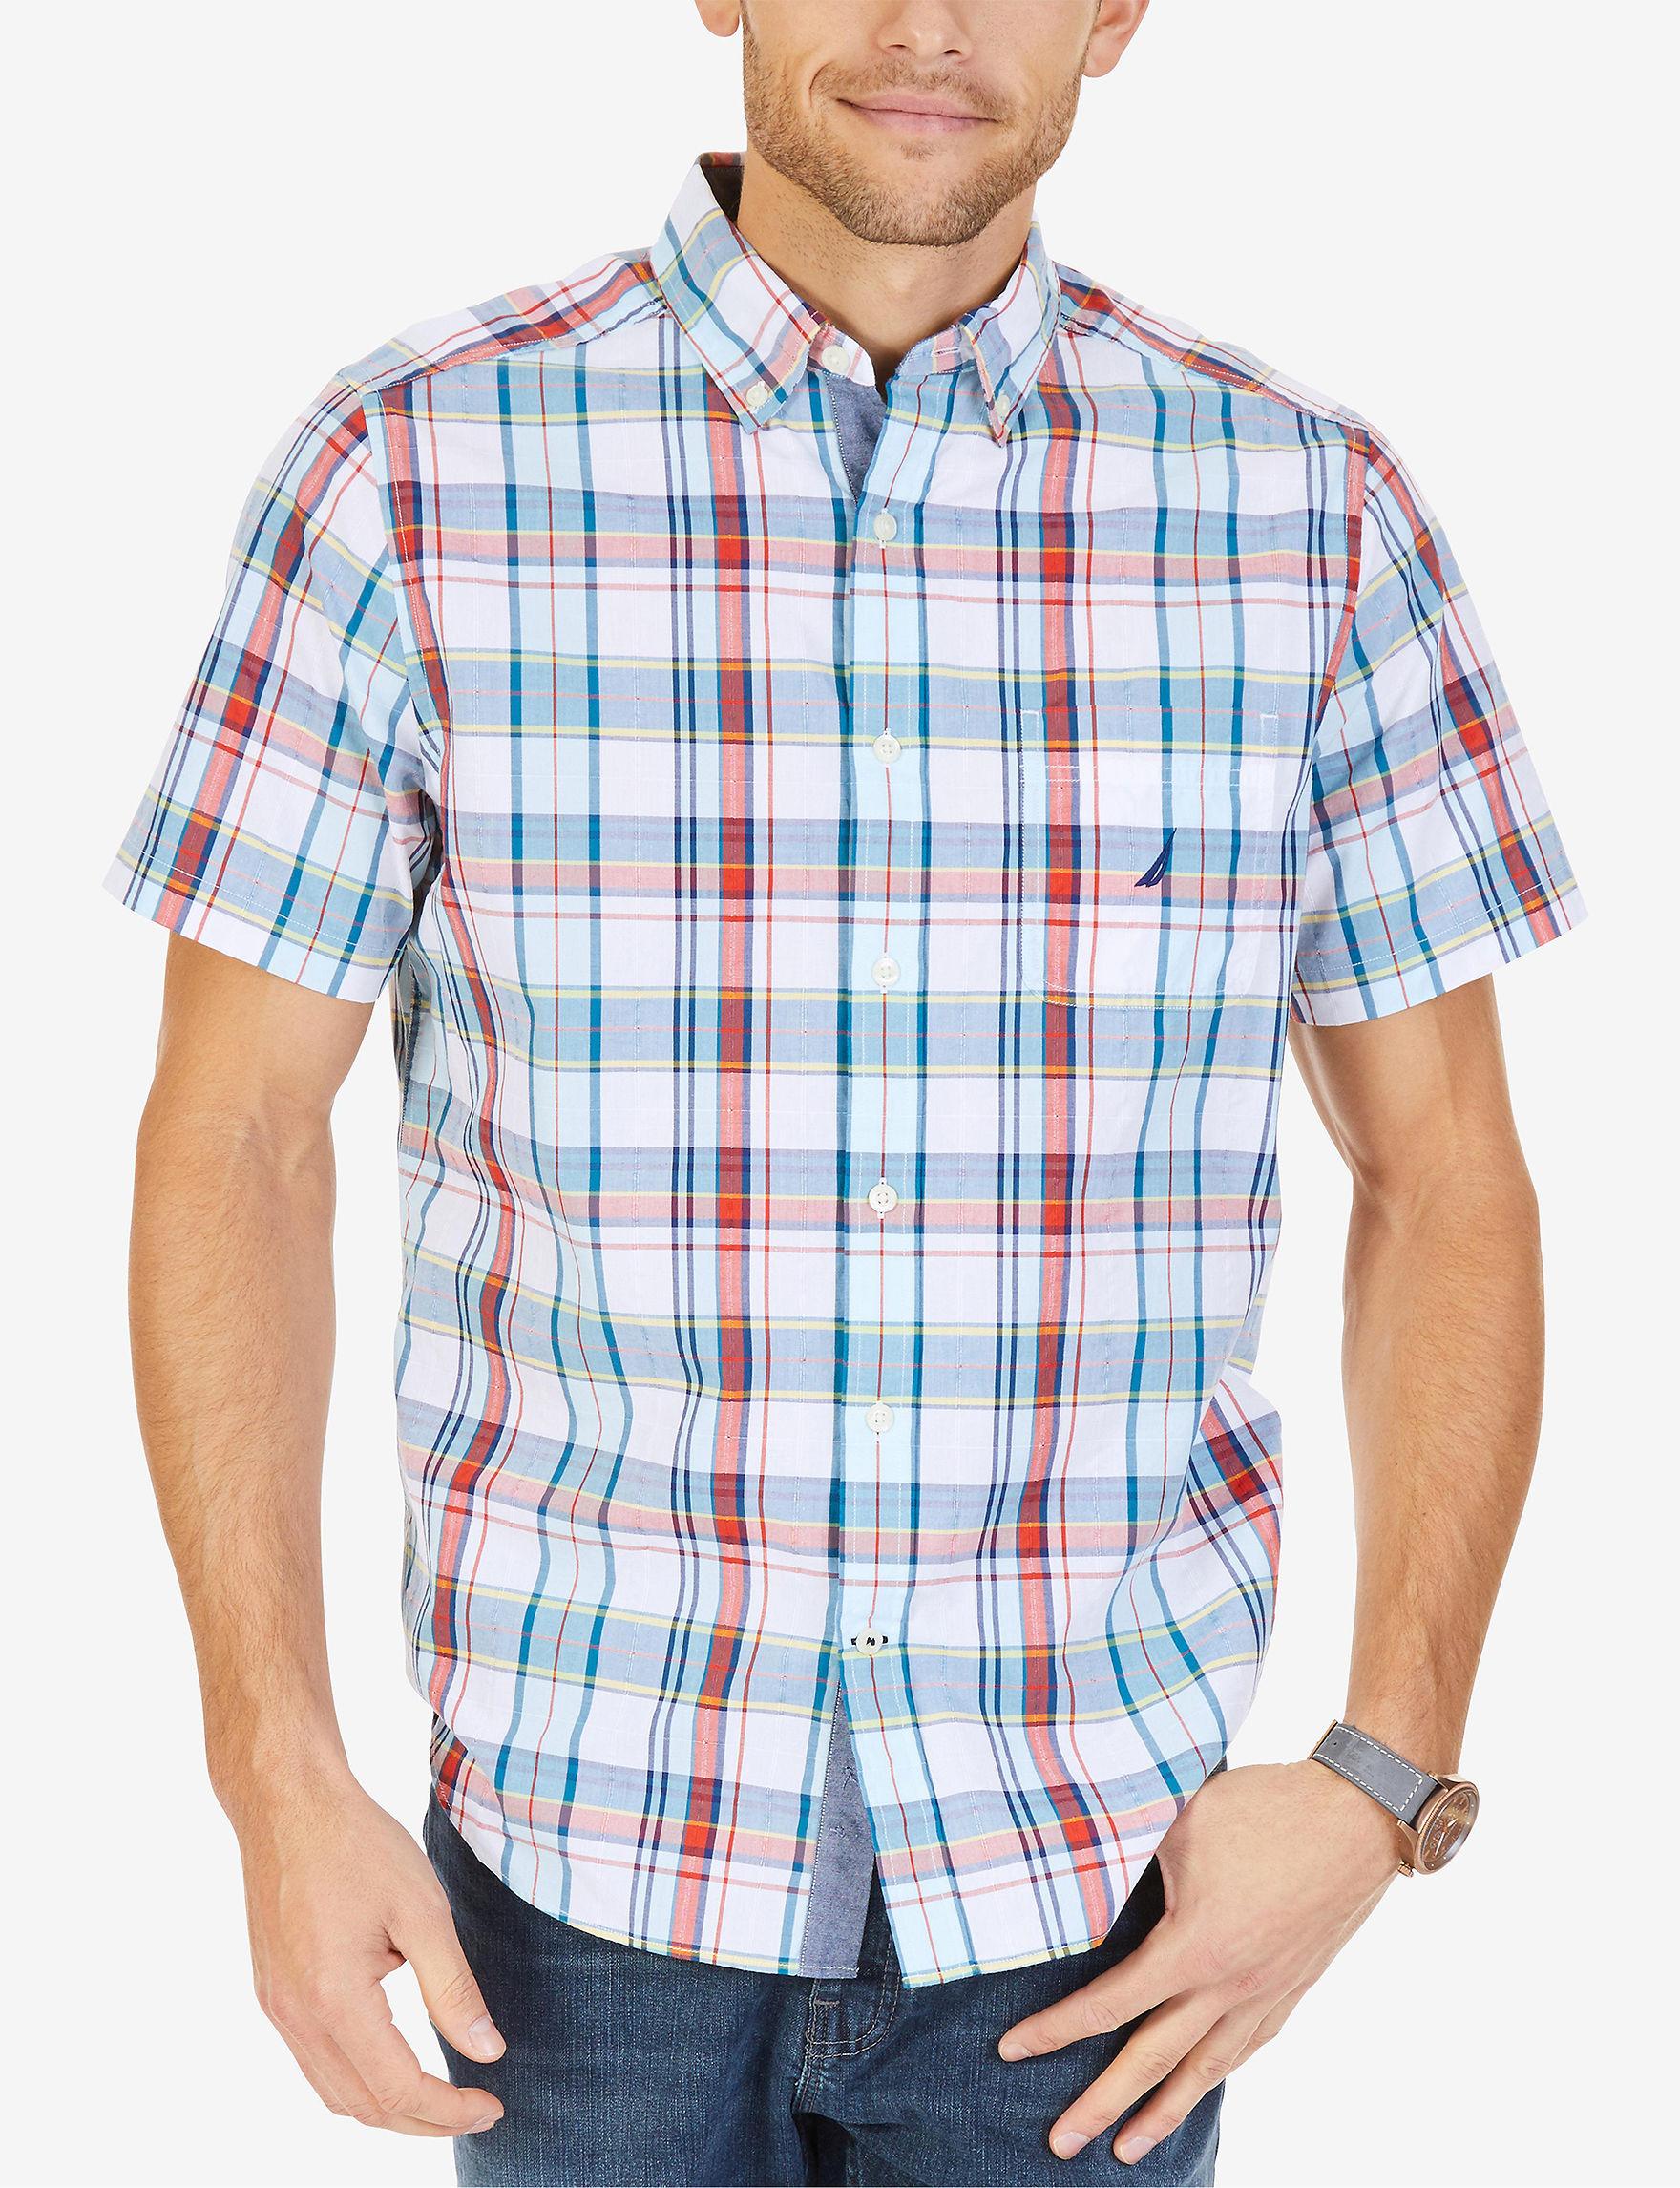 Nautica White Multi Casual Button Down Shirts